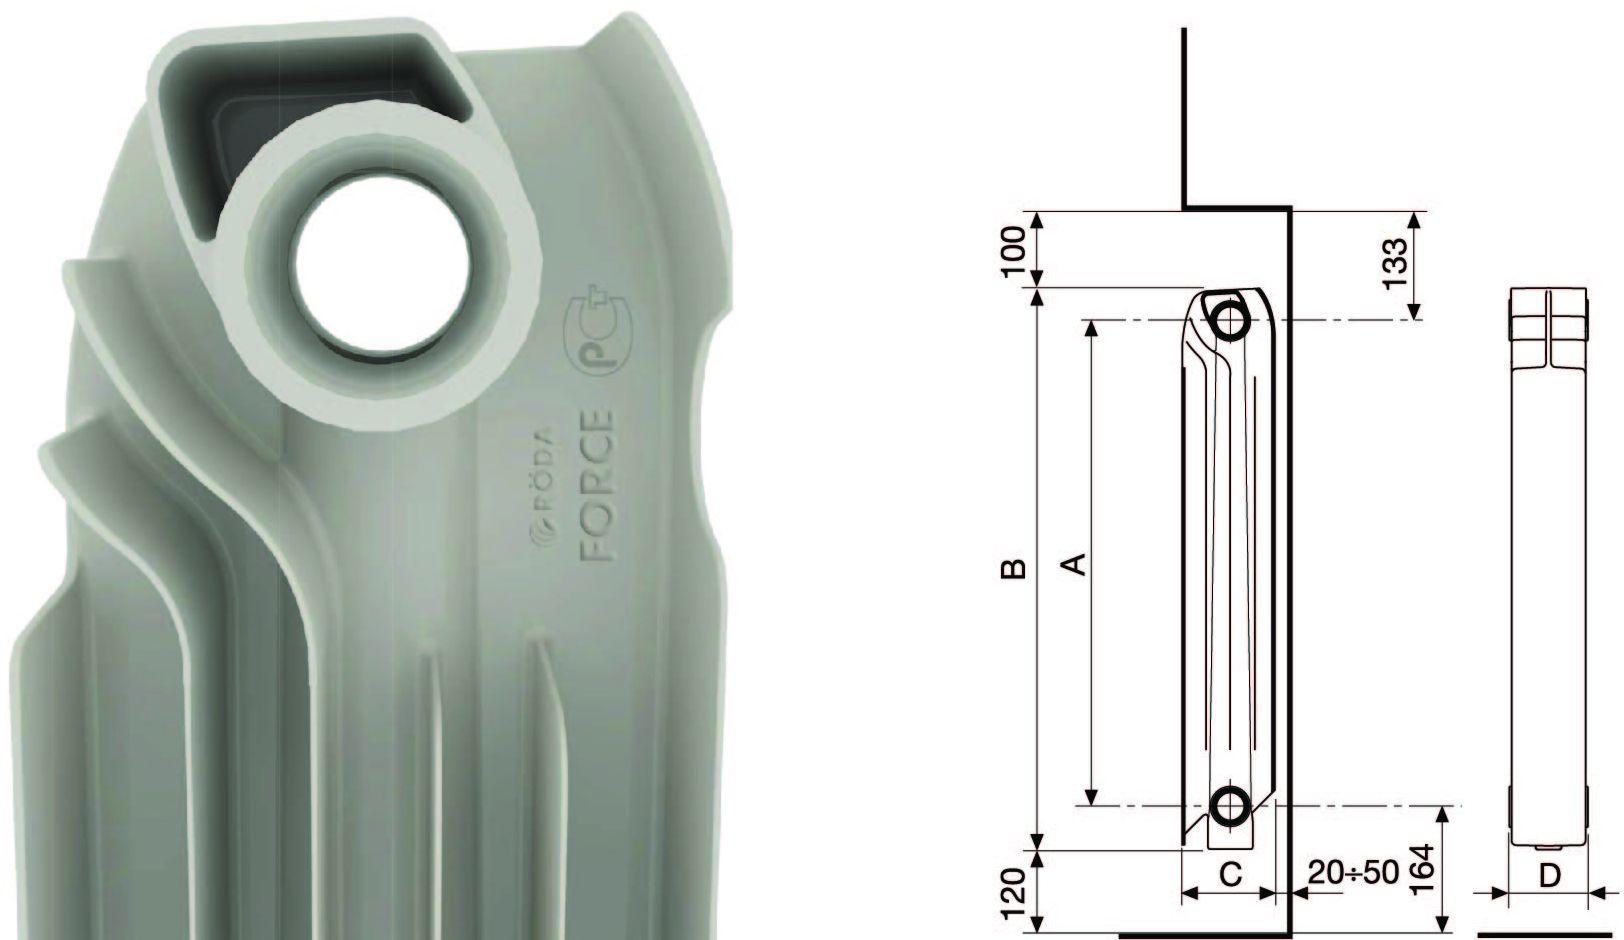 схема демонтажа чугунных радиаторов на сгонах